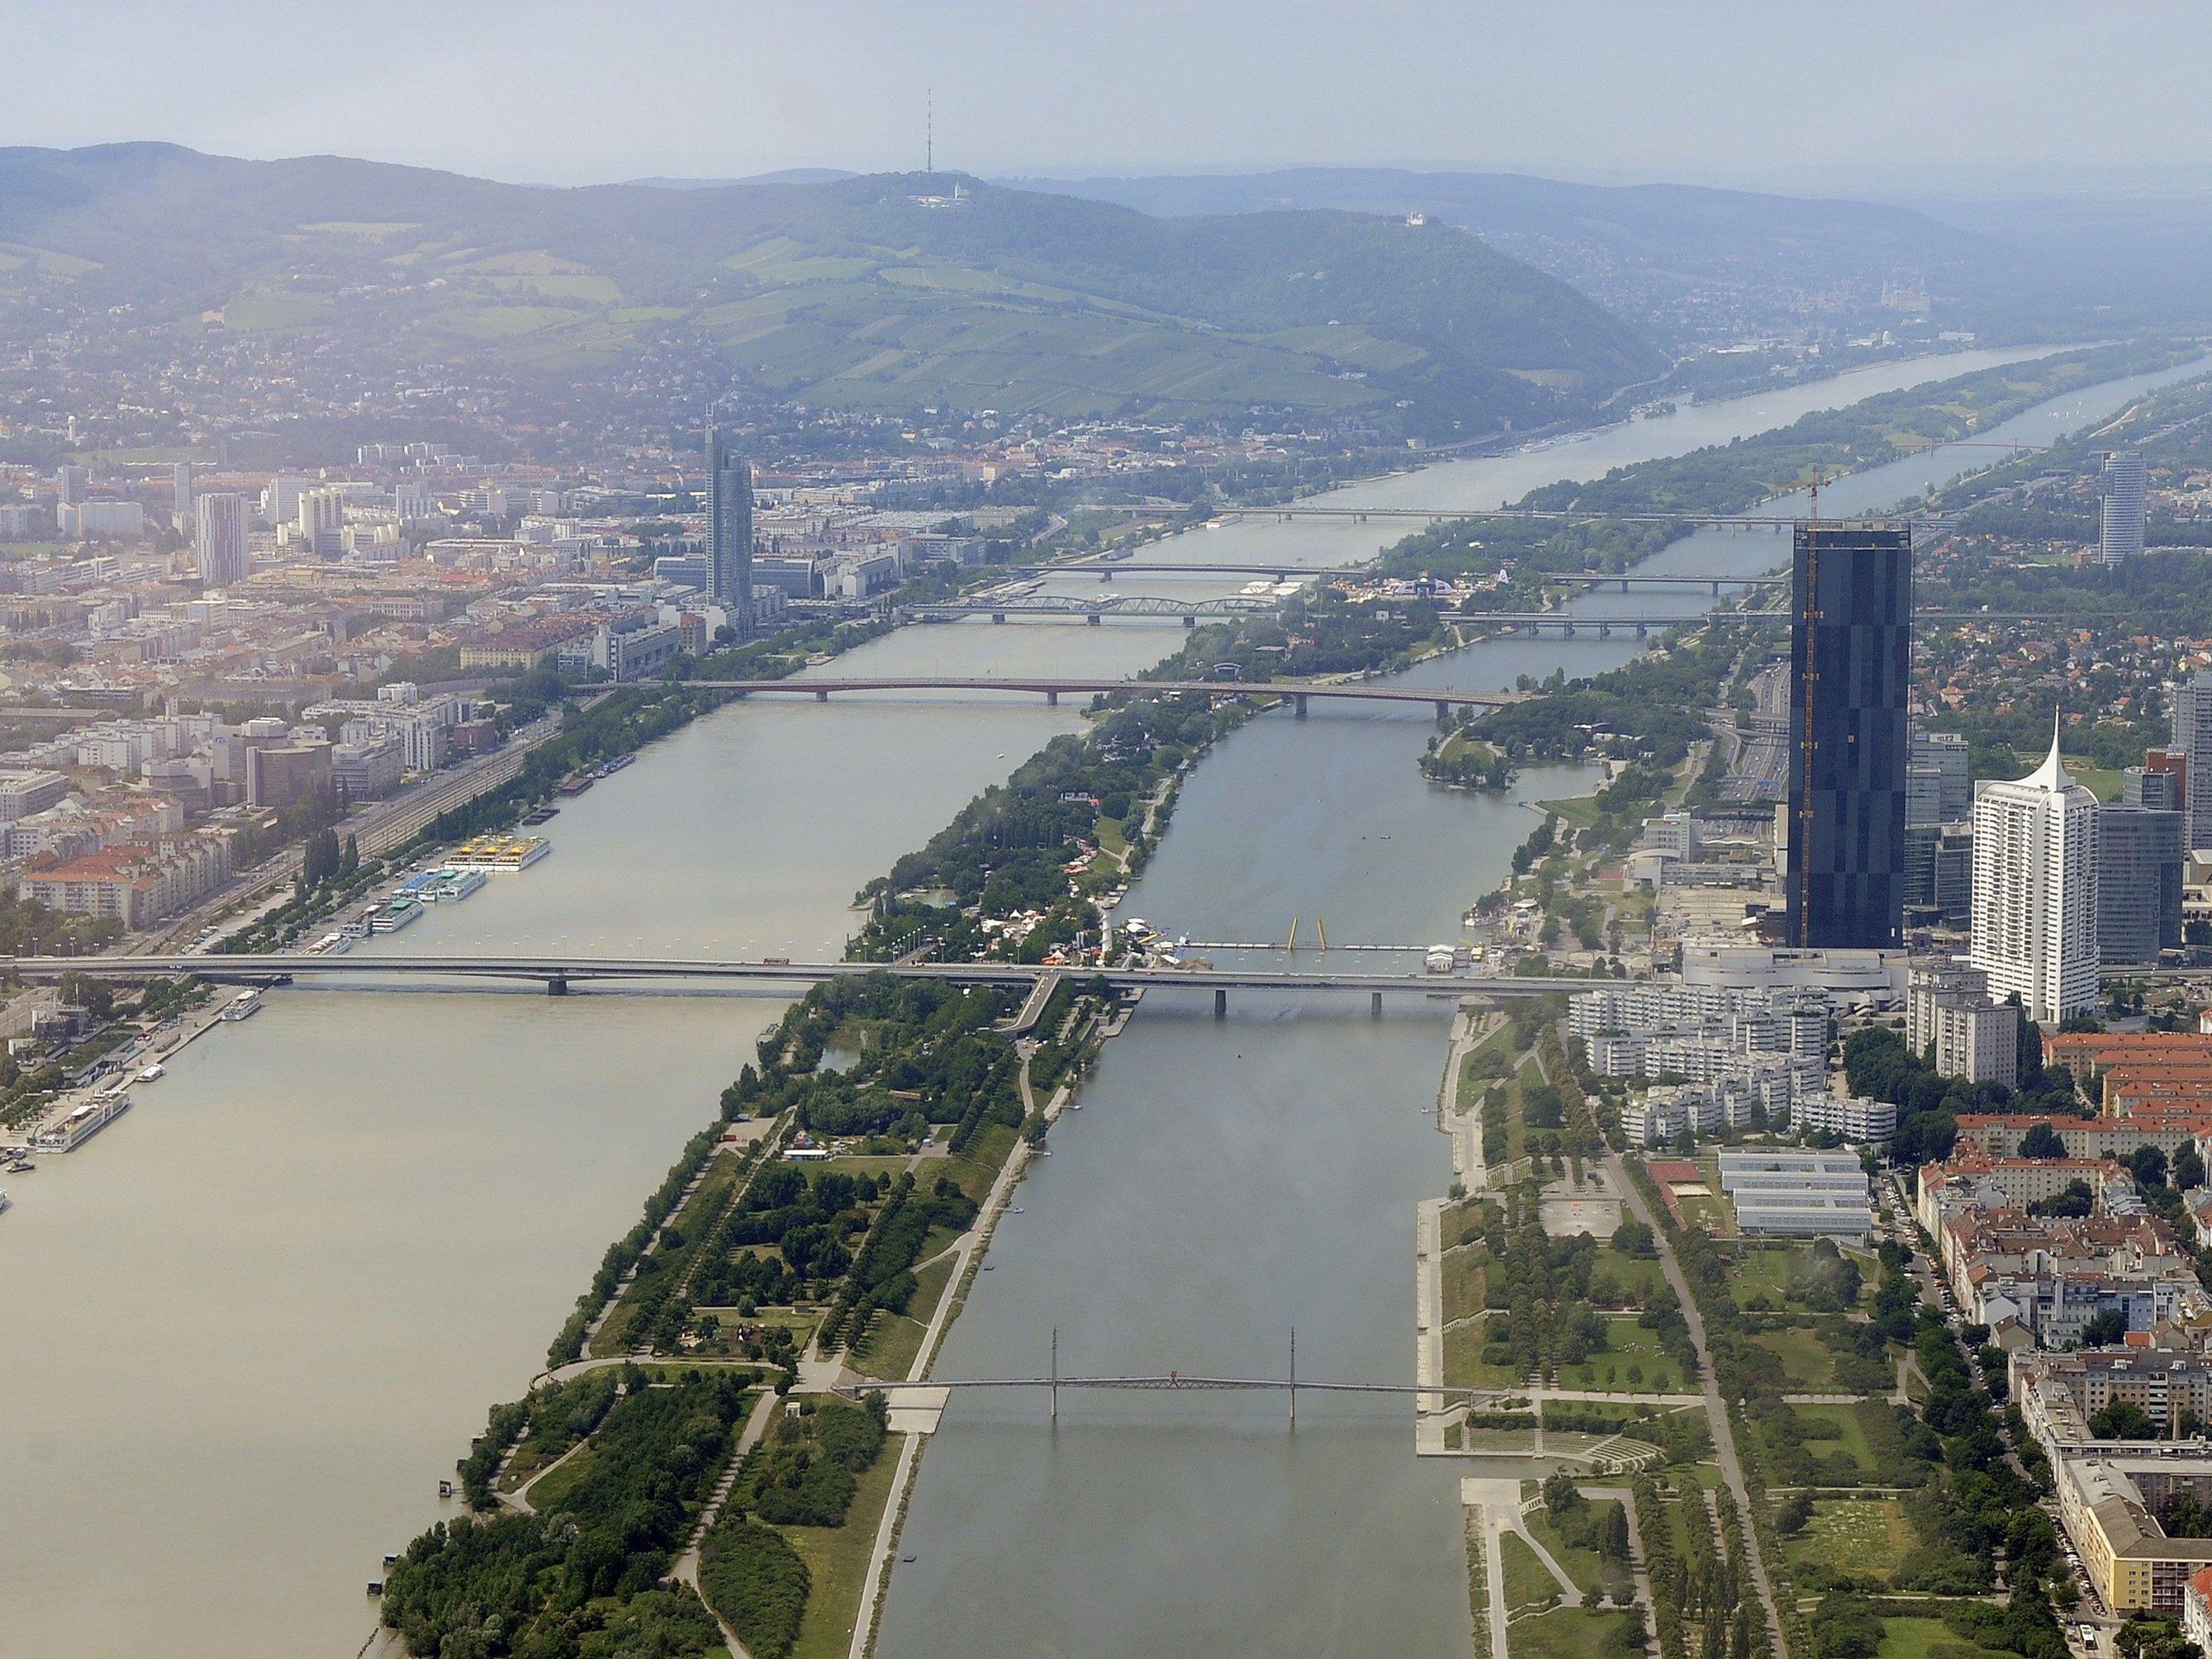 20 der in Wien-Floridsdorf Festgenommenen befinden sich wieder auf freiem Fuß.